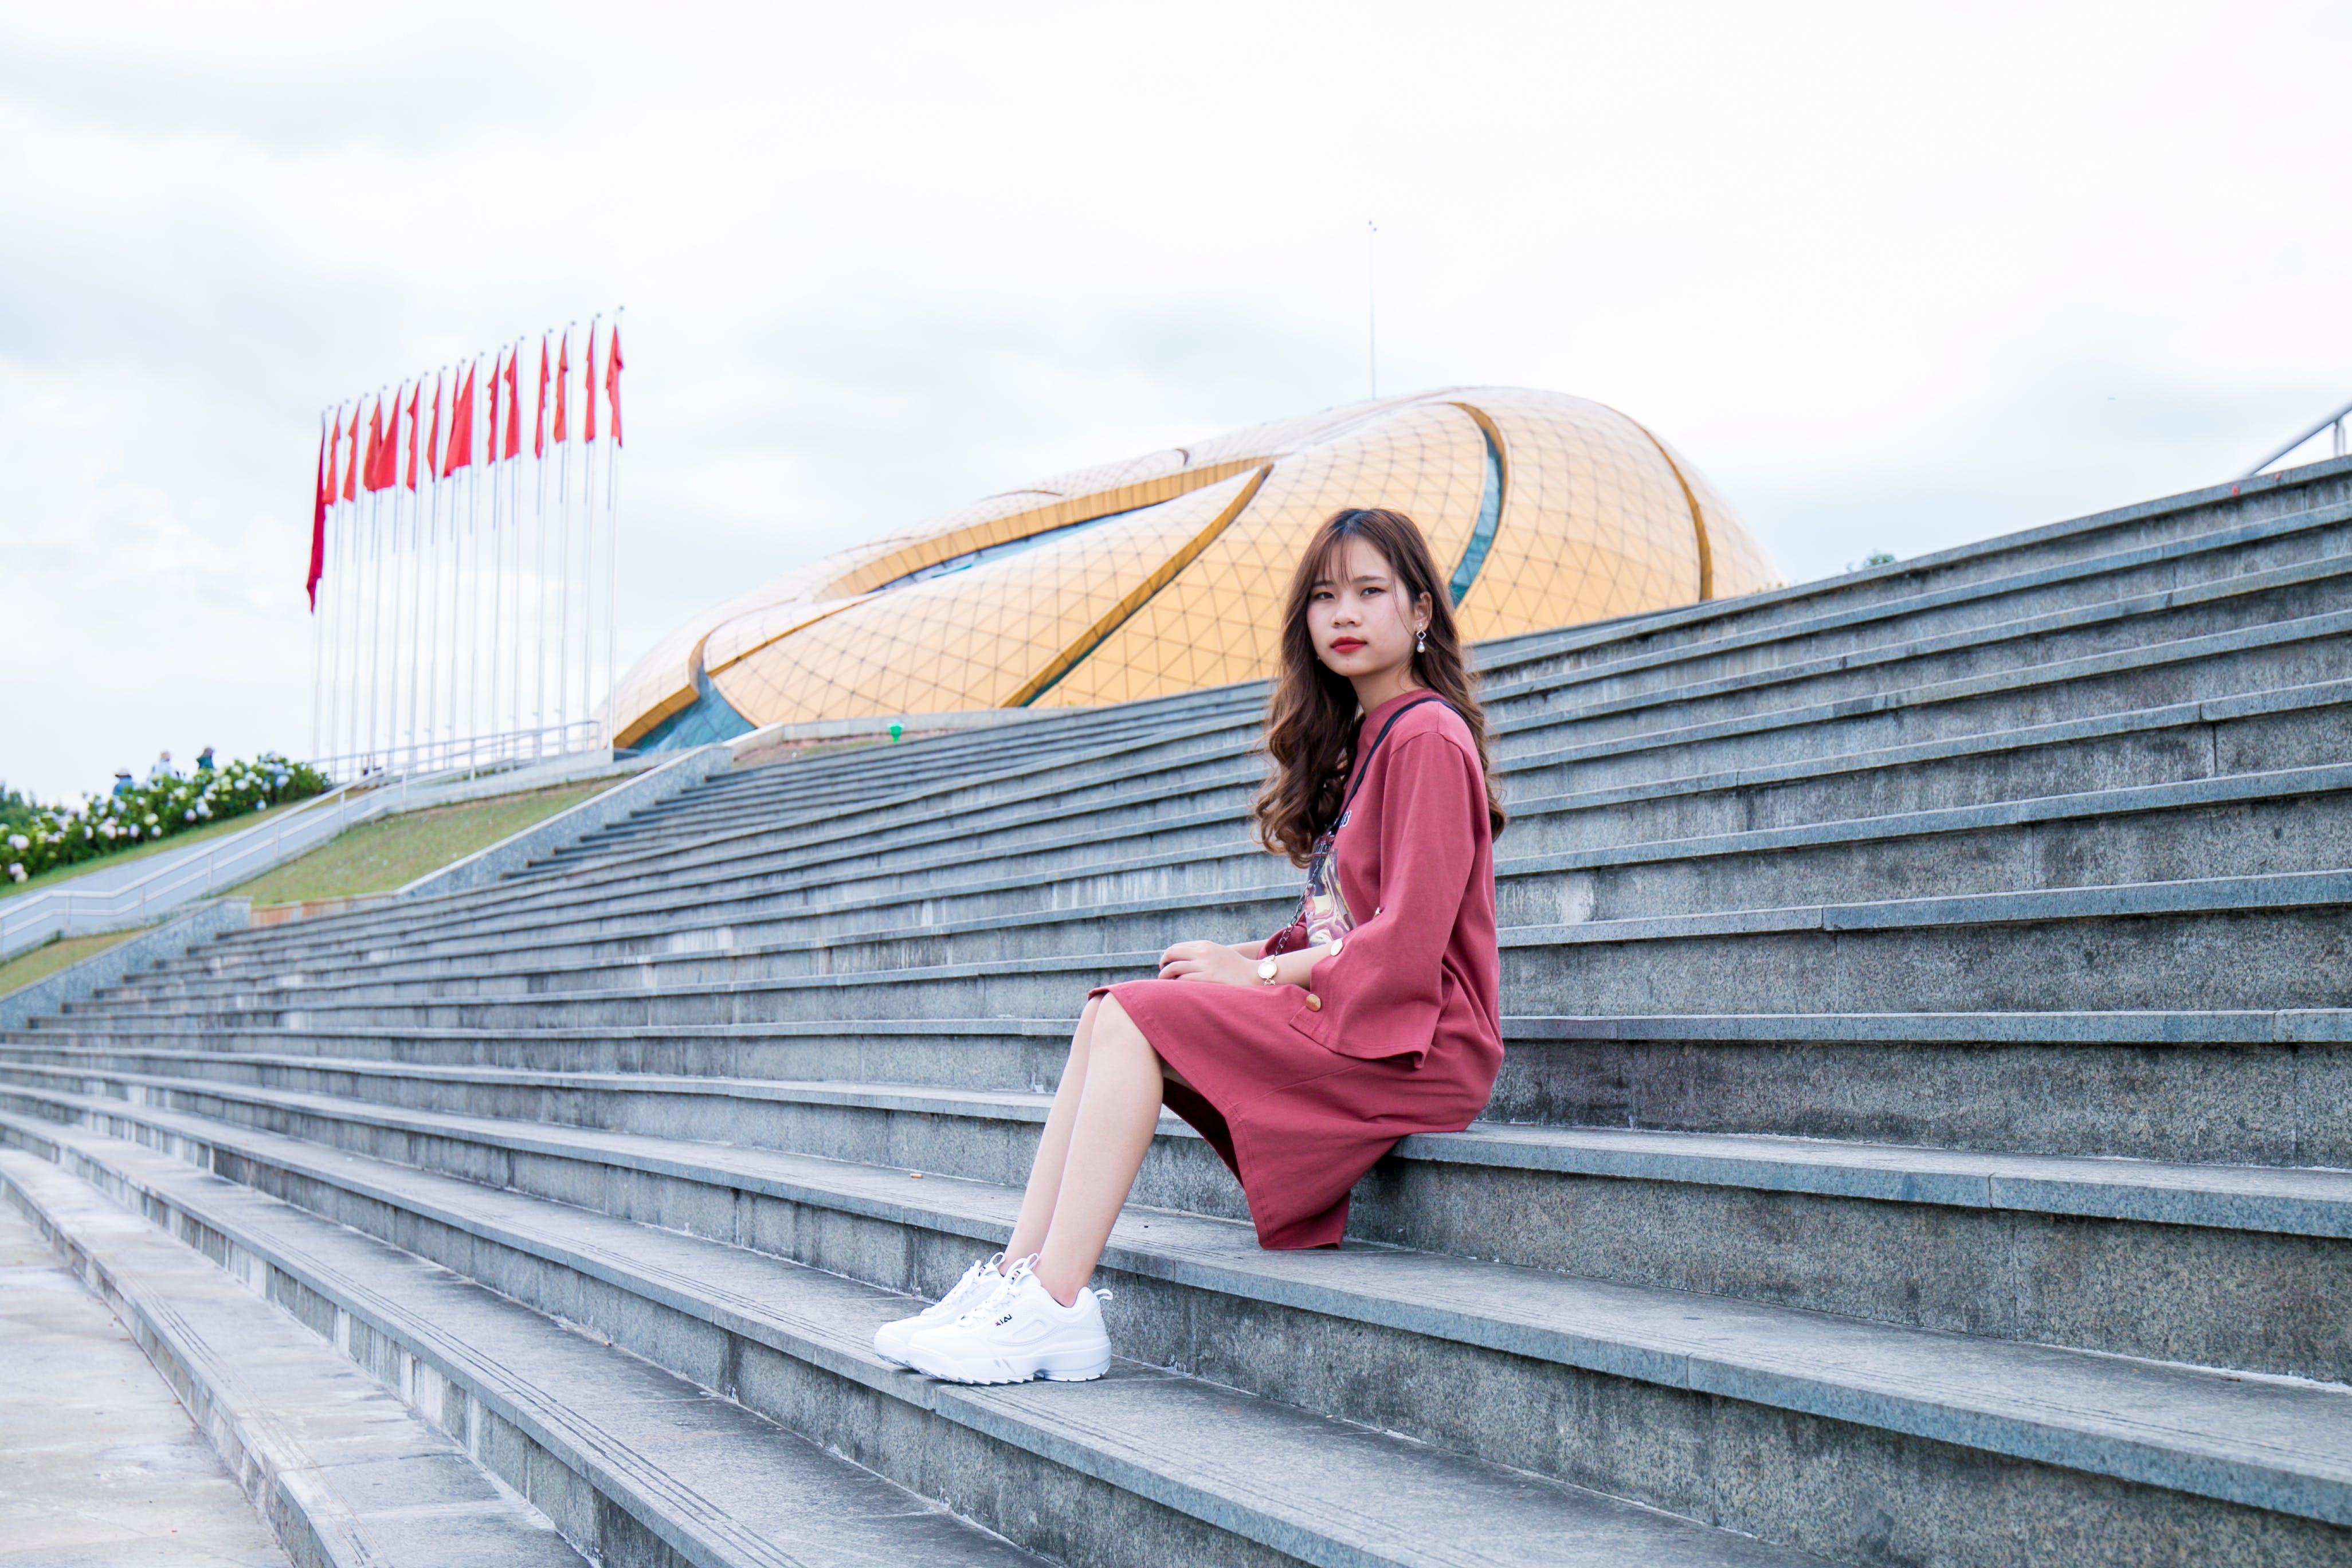 asiatisk kvinna, asiatisk tjej, avslappning